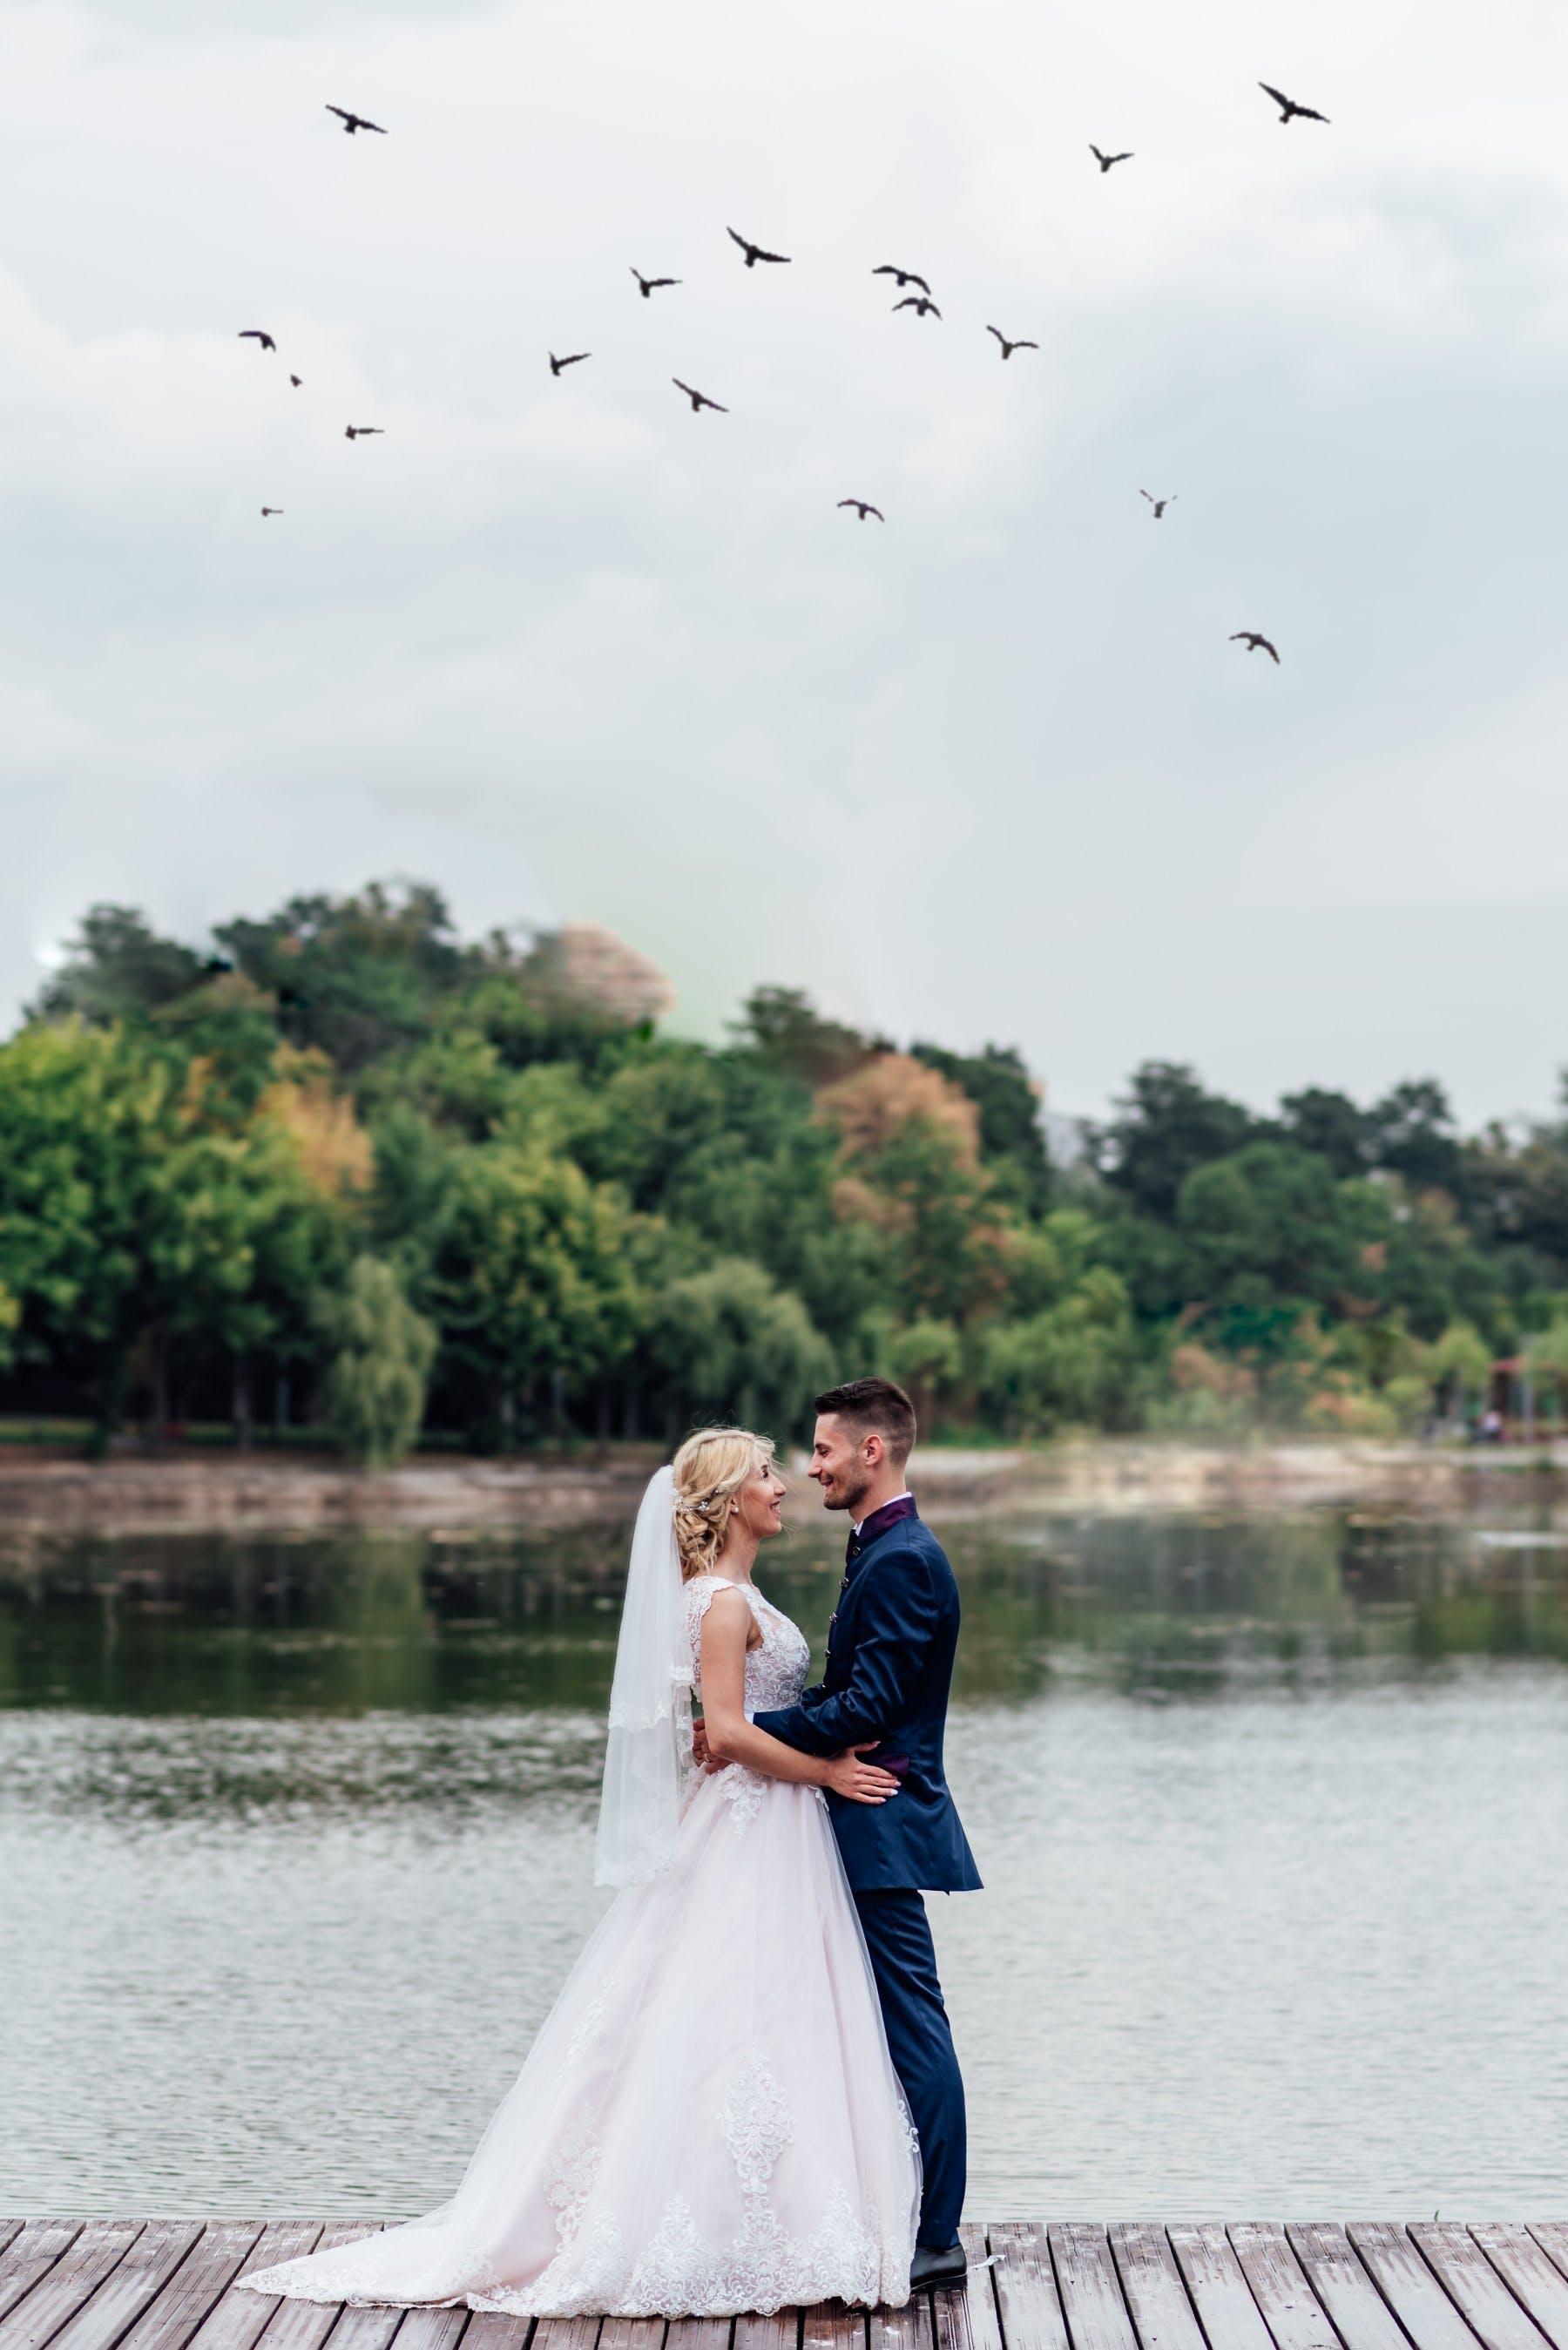 Kostenloses Stock Foto zu bräutigam, ehe, frau, hochzeit